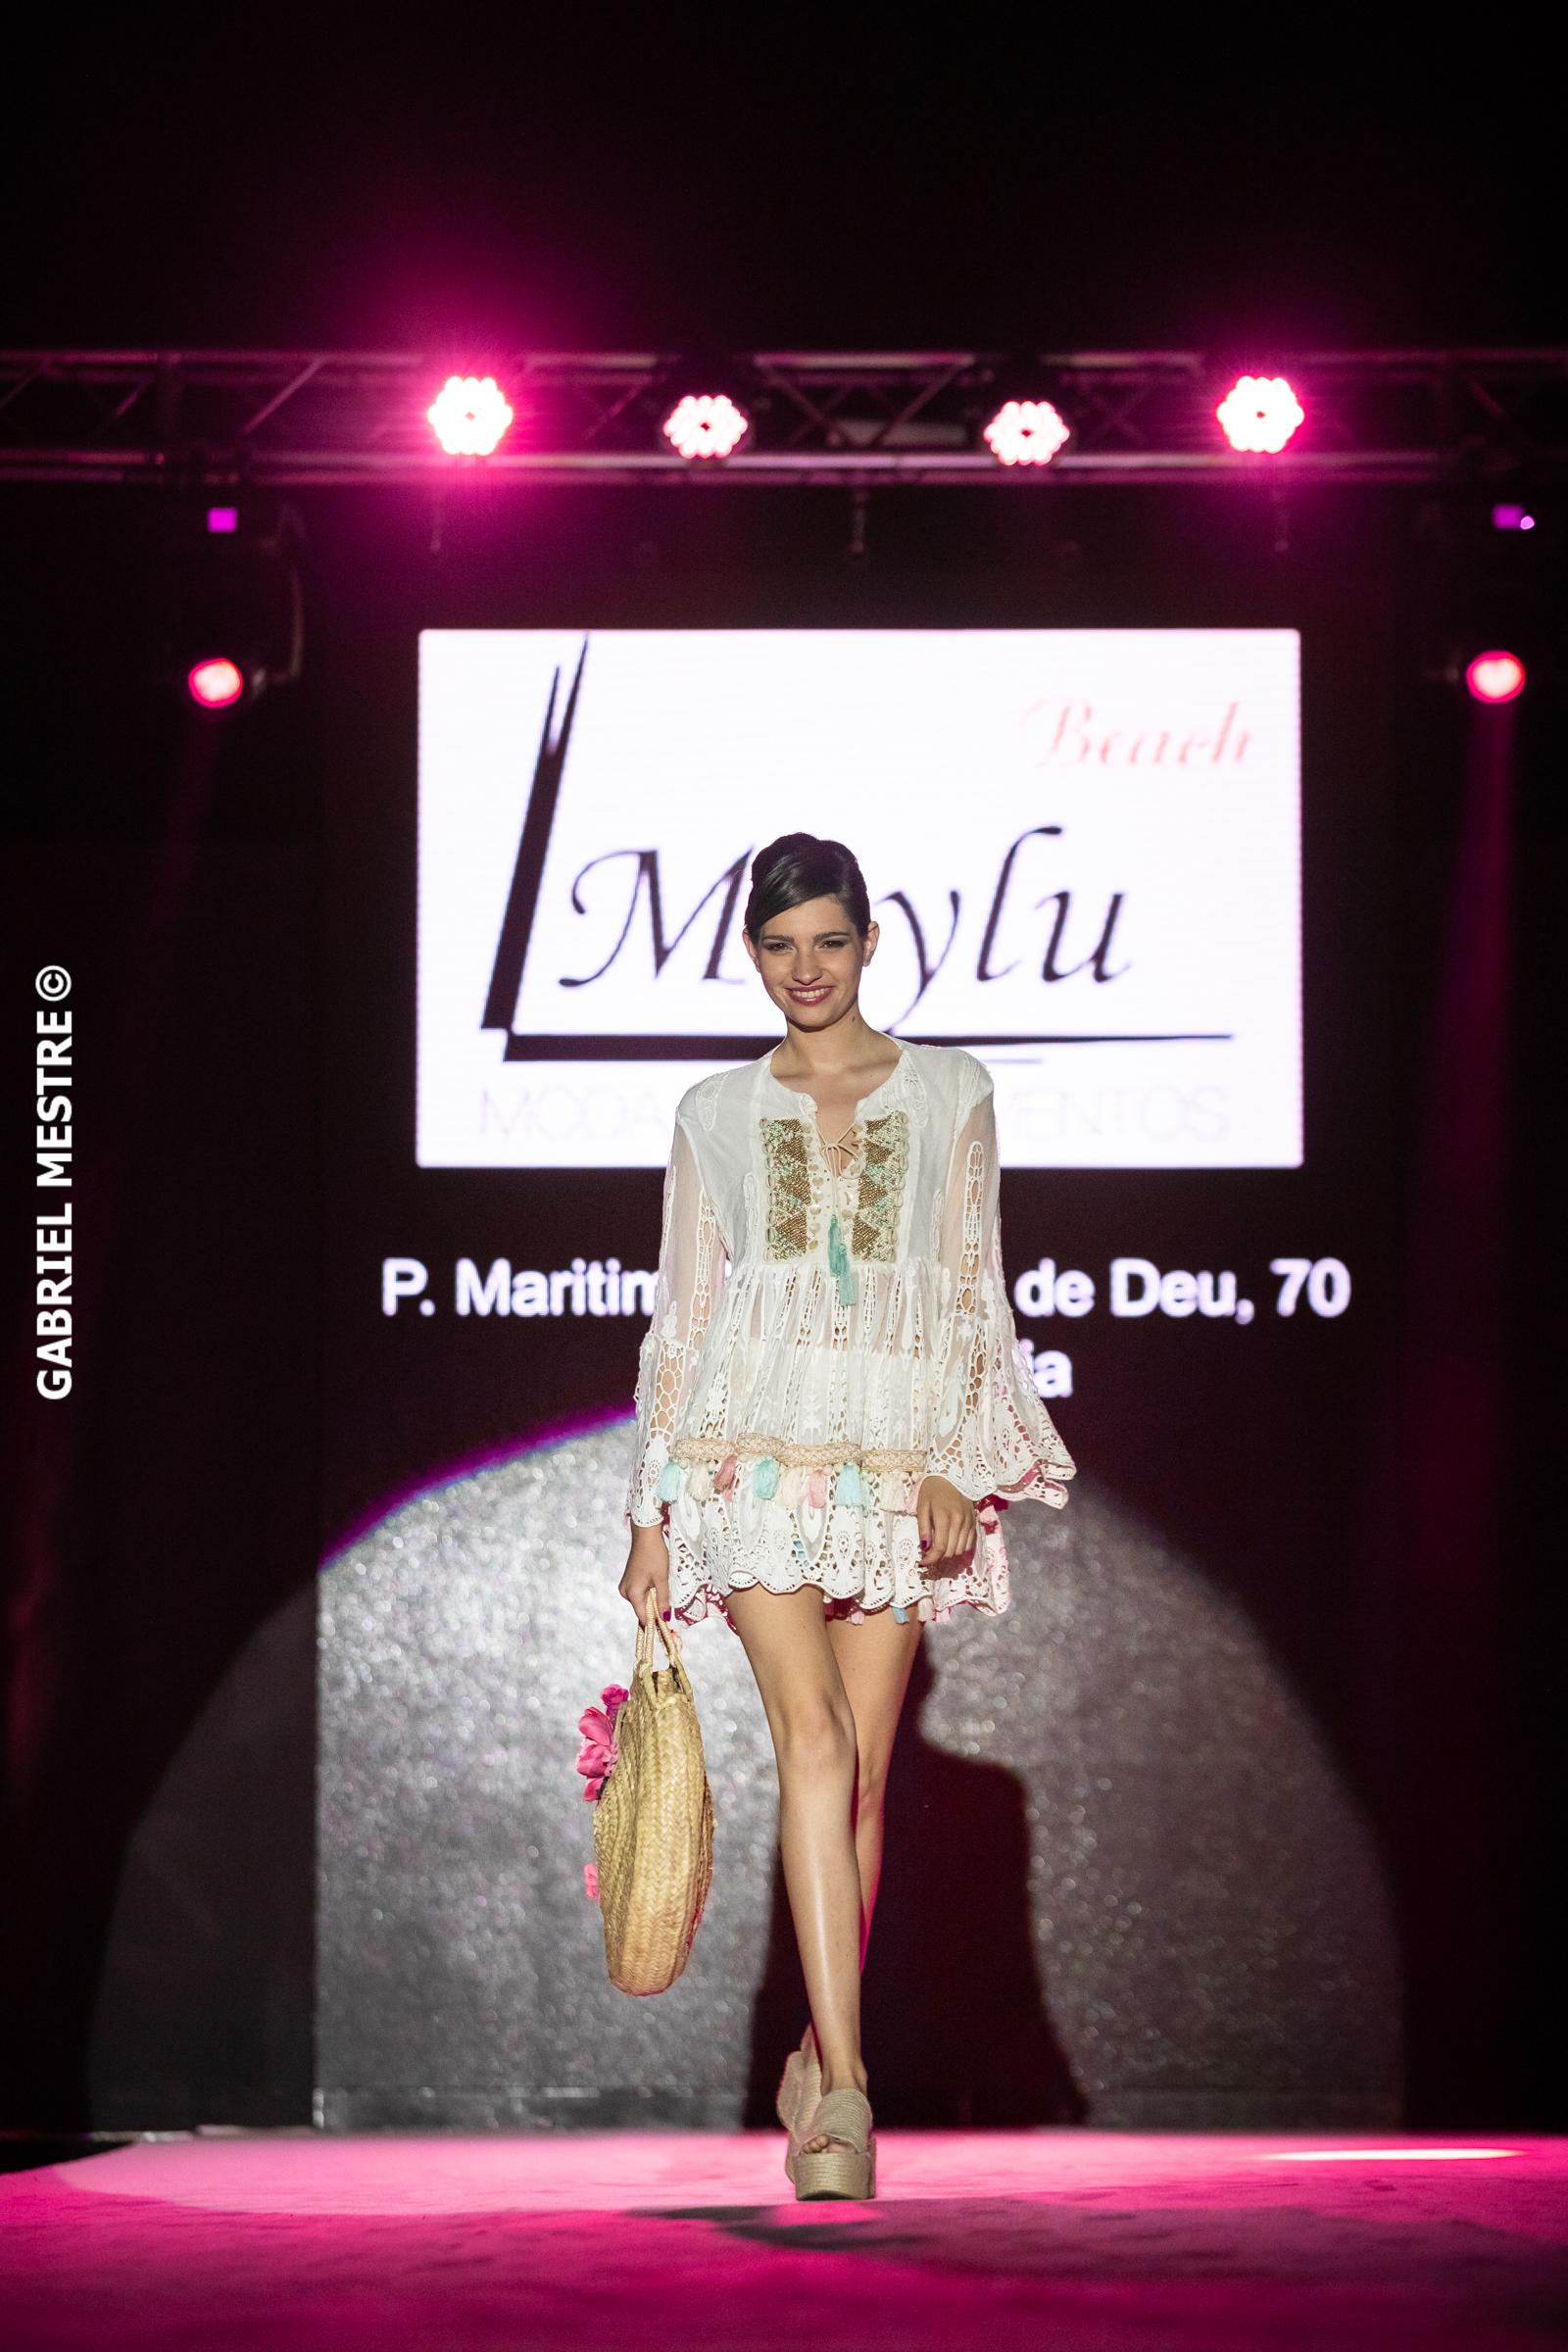 Calafell Fashion Day - Maylu Beach-101